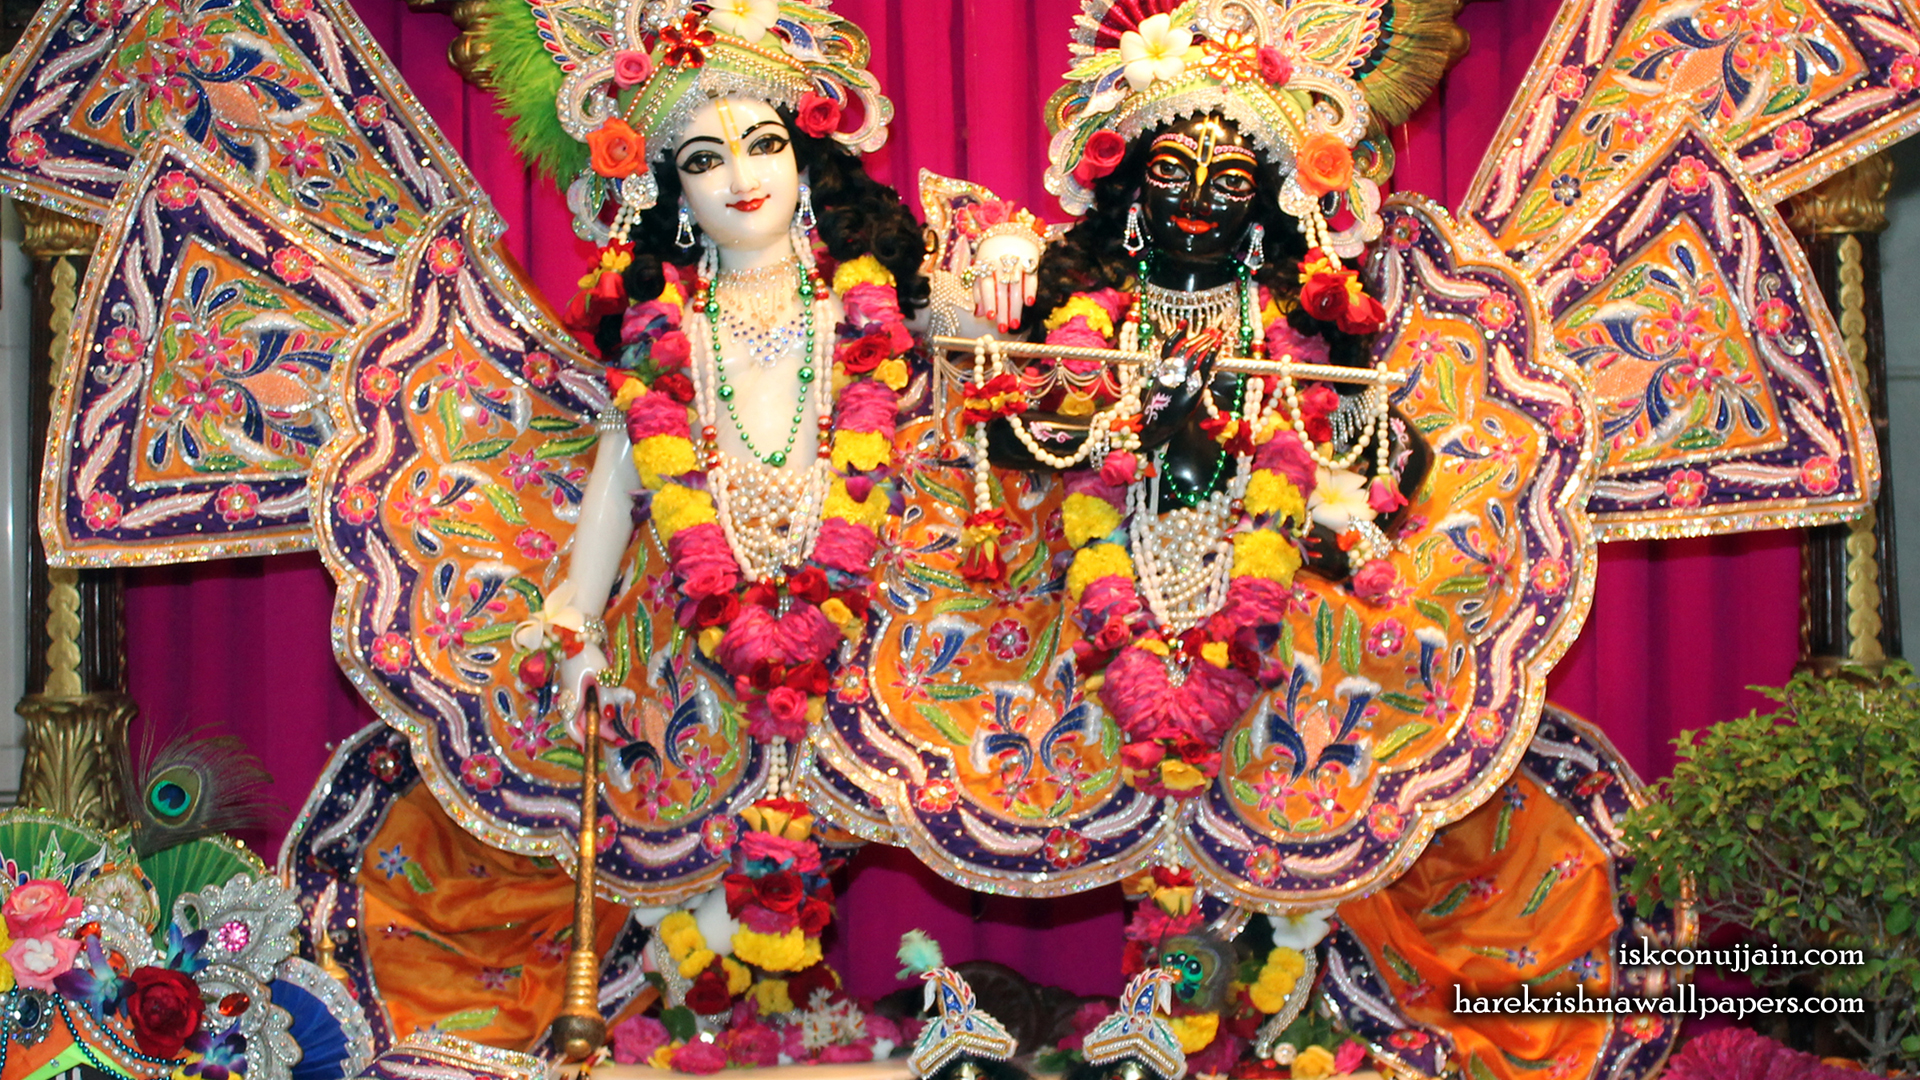 Sri Sri Krishna Balaram Wallpaper (013) Size 1920x1080 Download